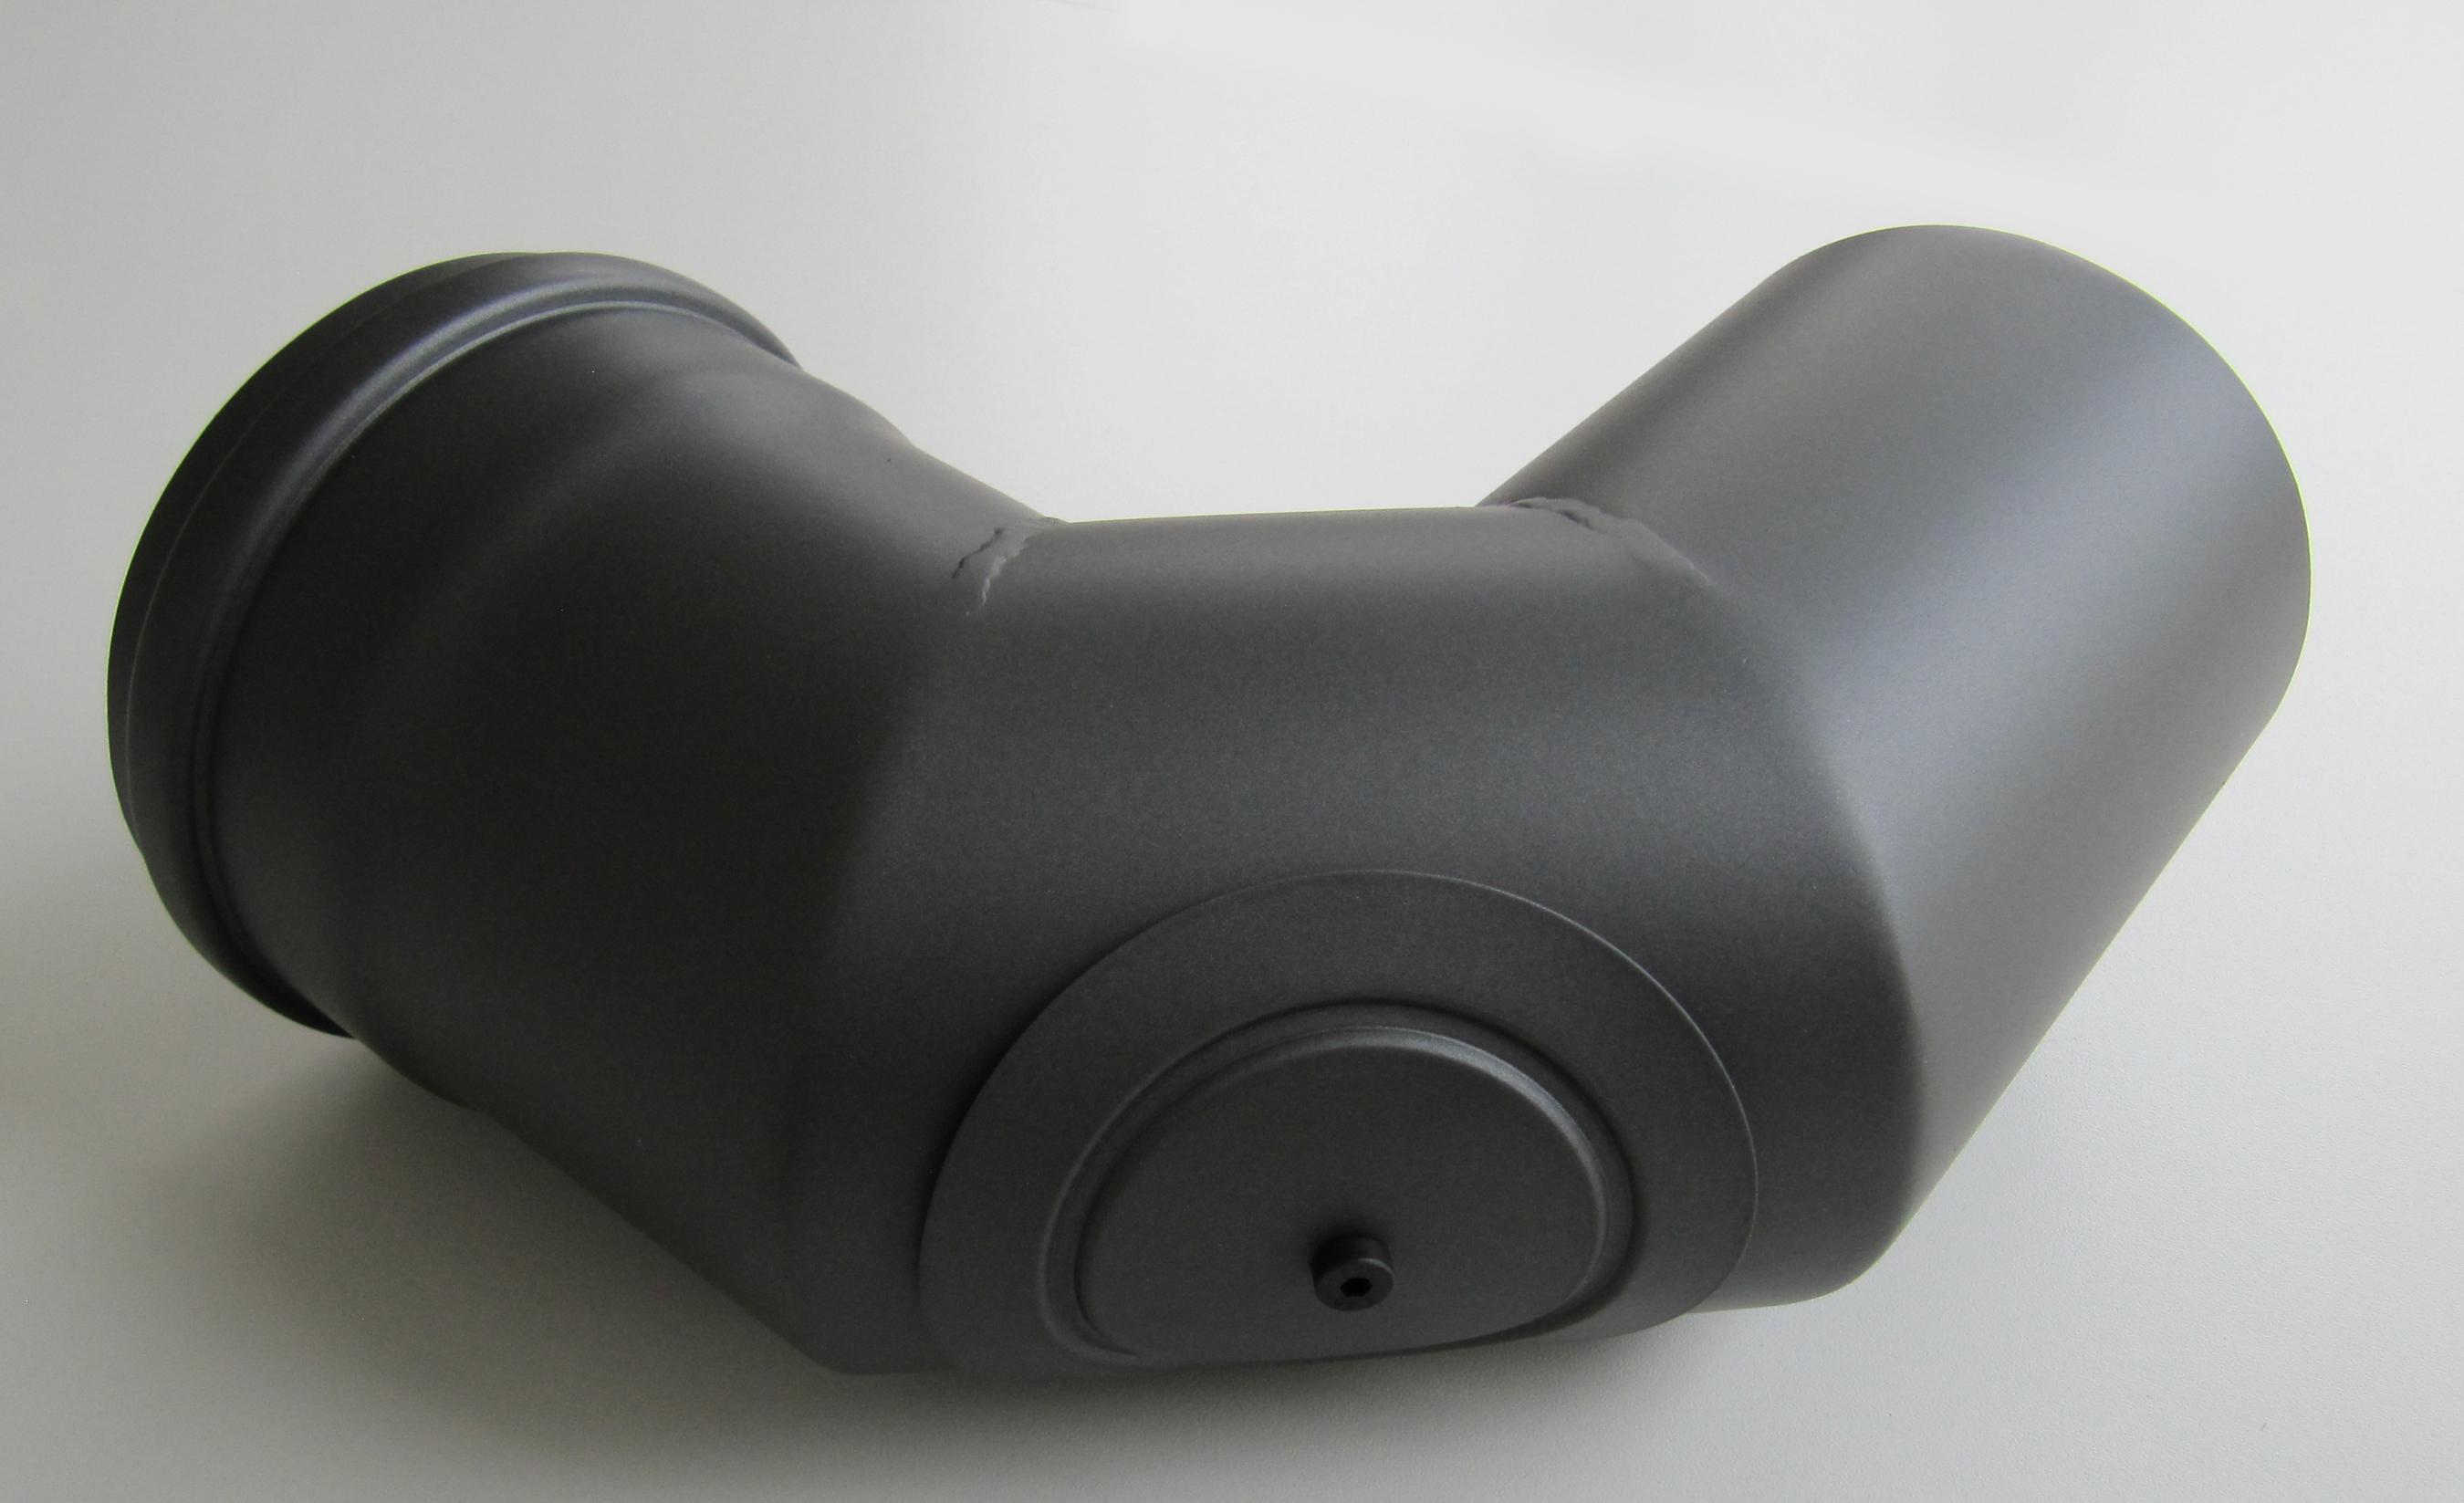 Bogenknie 90° für Pelletofen Senotherm 0,8mm grau Ø100mm mit Tür Bild 1